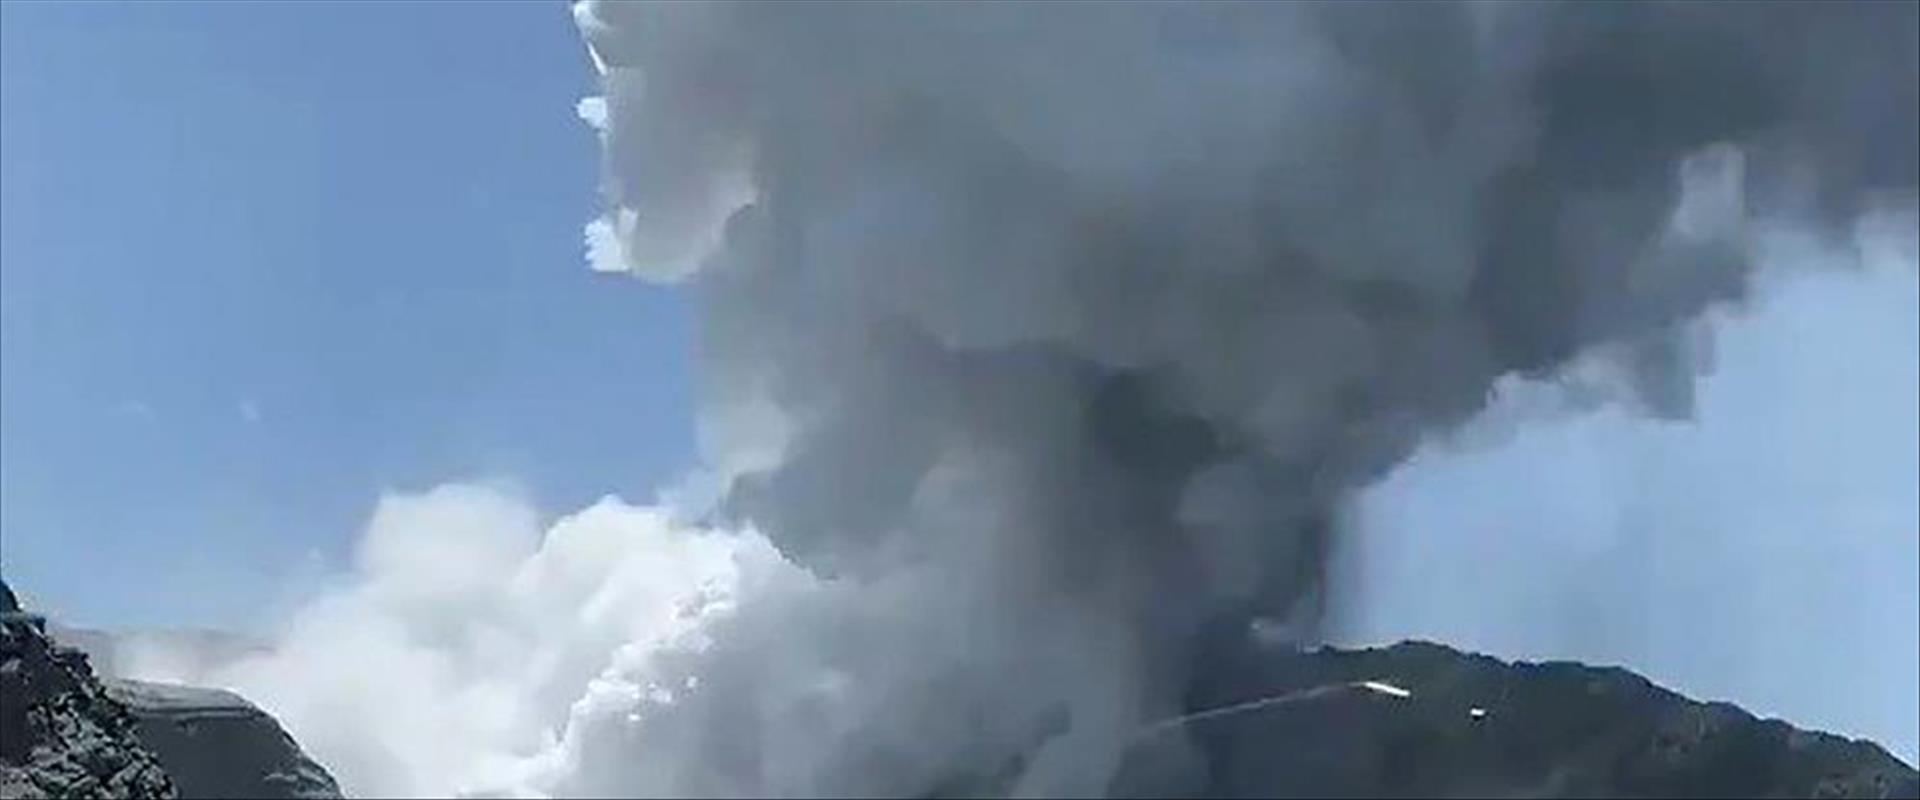 """התפרצות הר געש """"האי הלבן"""", אתמול"""